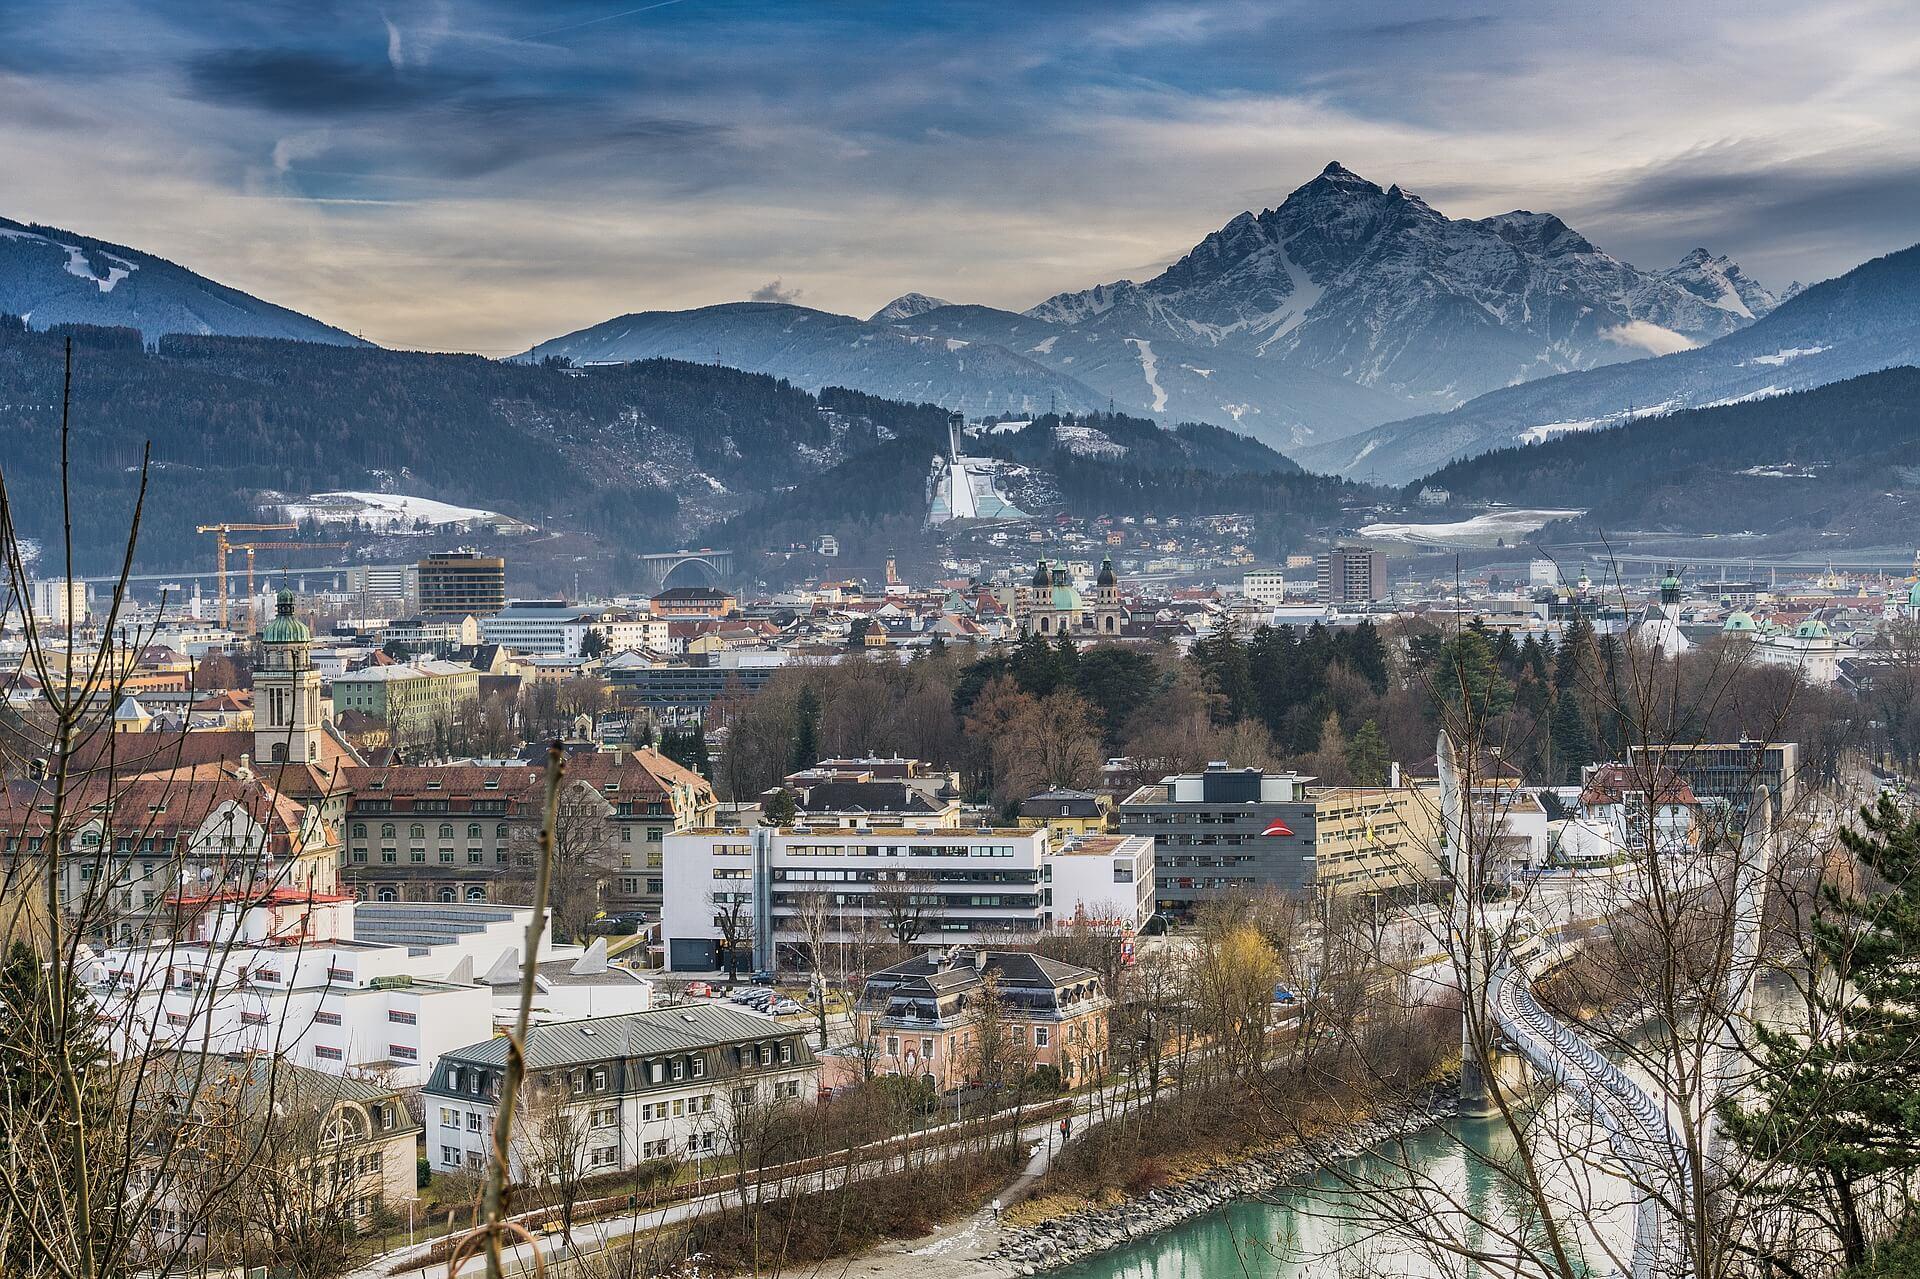 Direktflüge und Billigflüge ab Hamburg nach Innsbruck